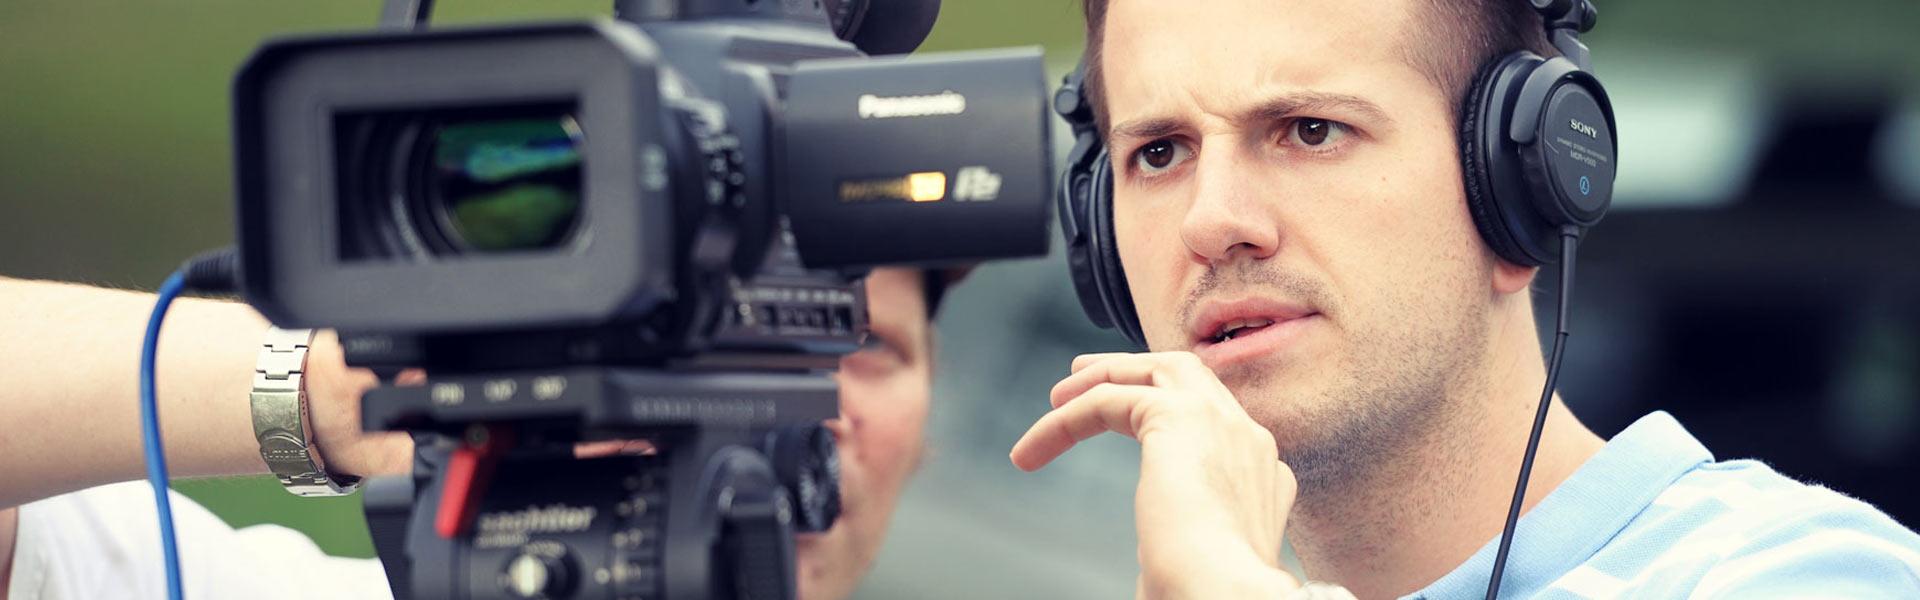 Wir produzieren Ihren Imagefilm.